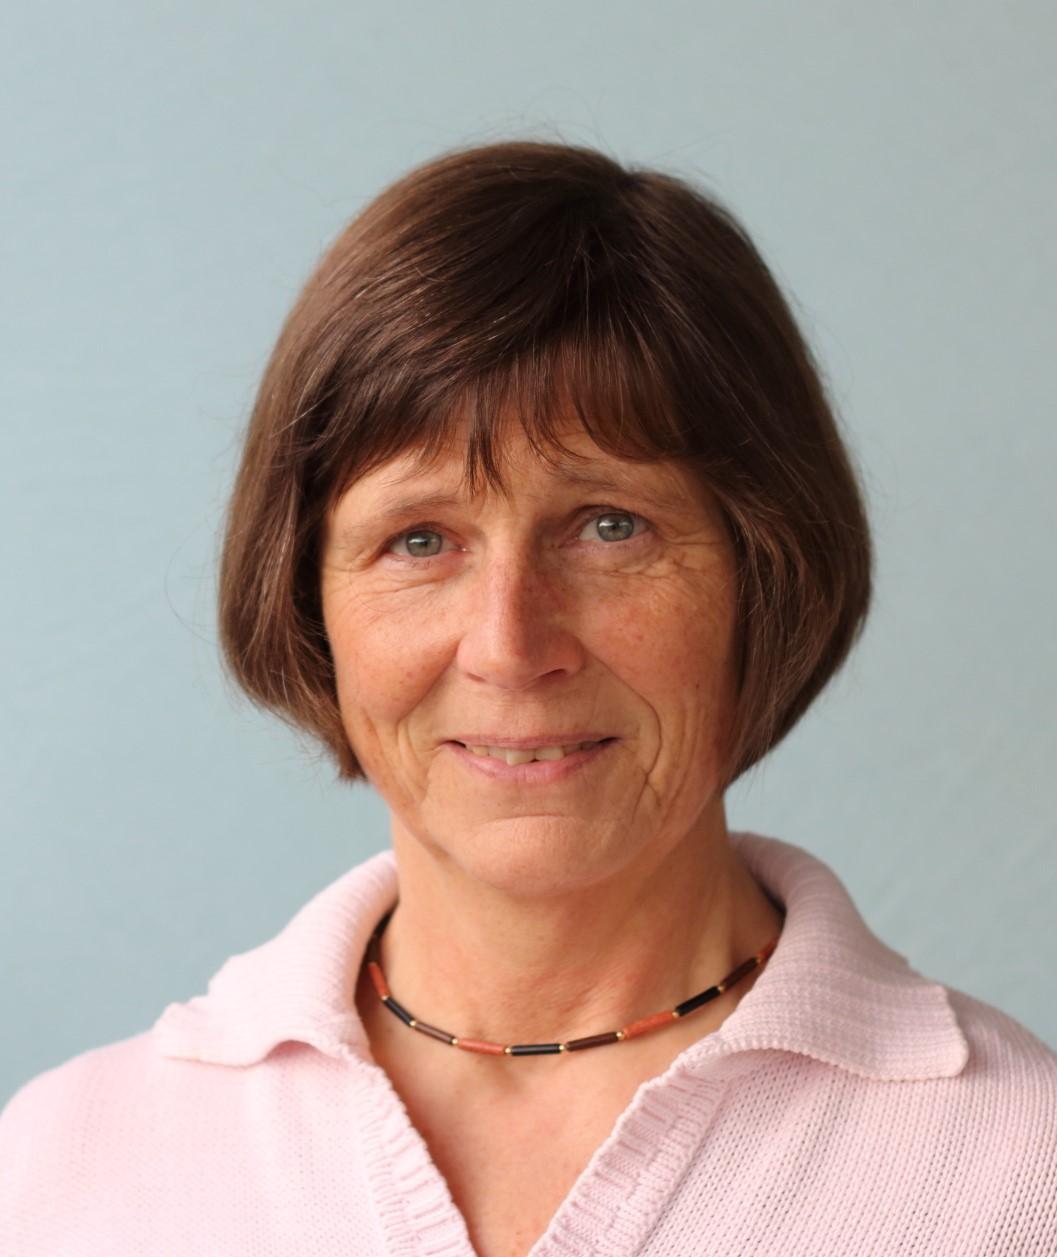 Barbara Völkel